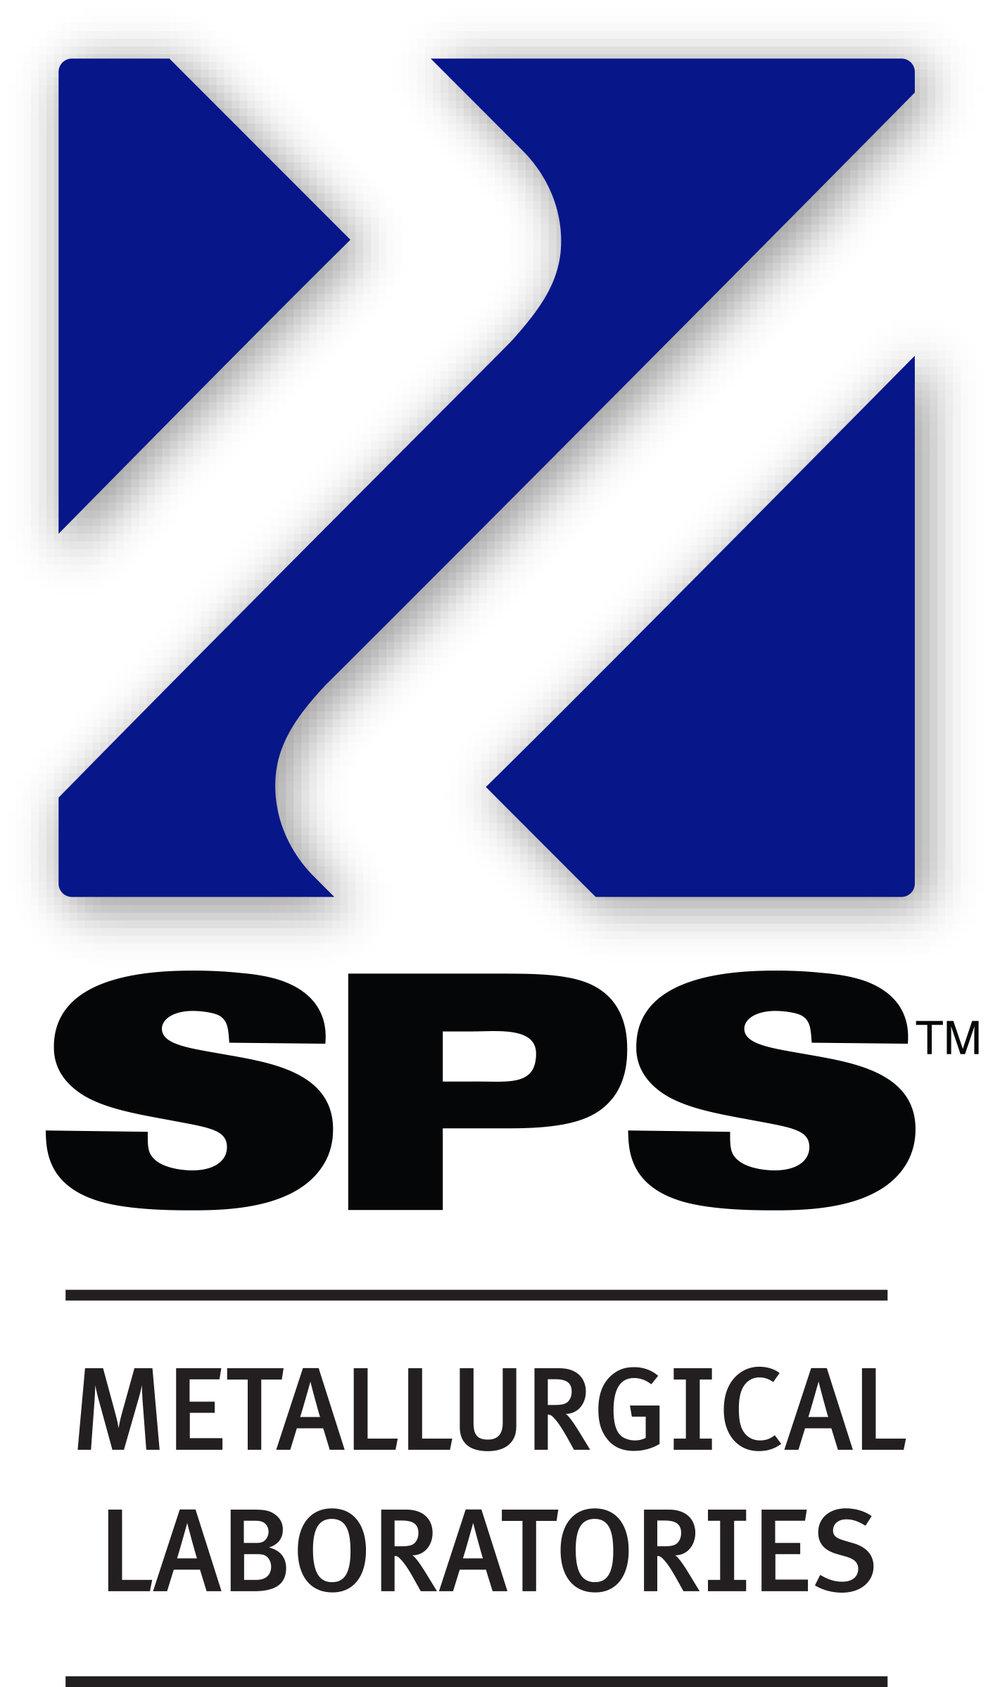 SPS_MetalLabs_logo.jpg